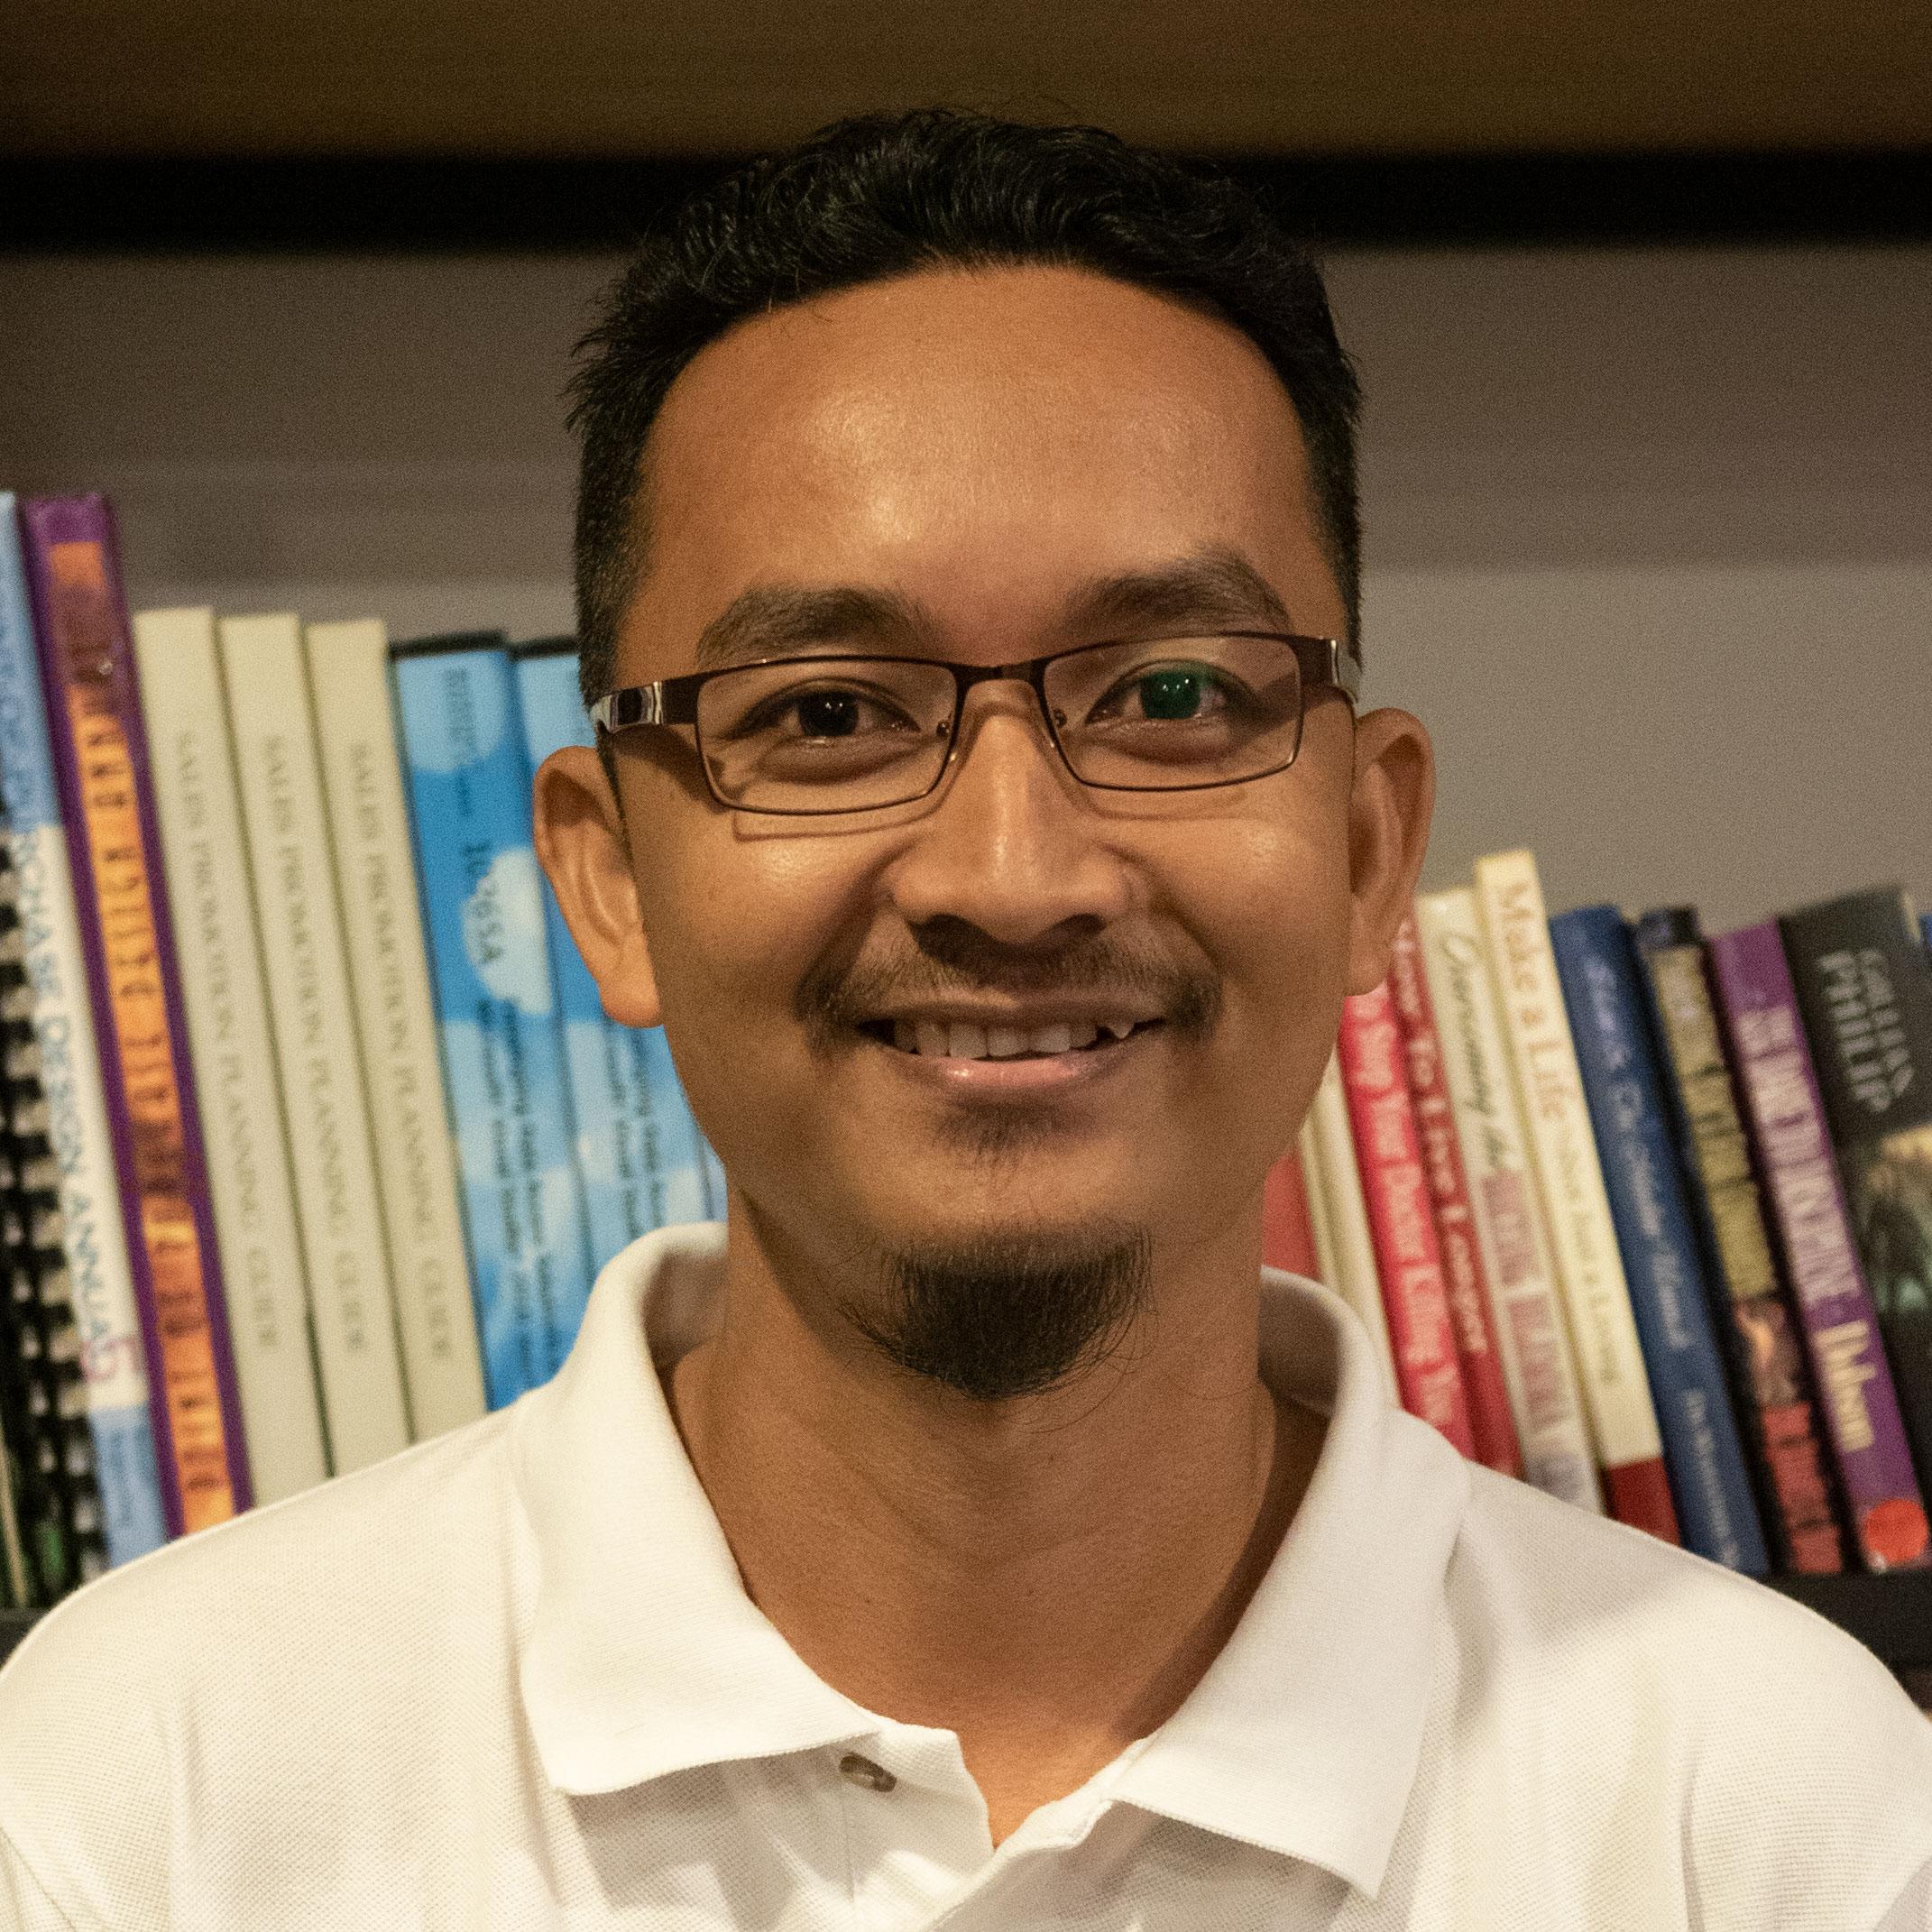 Ibrahim Kamis